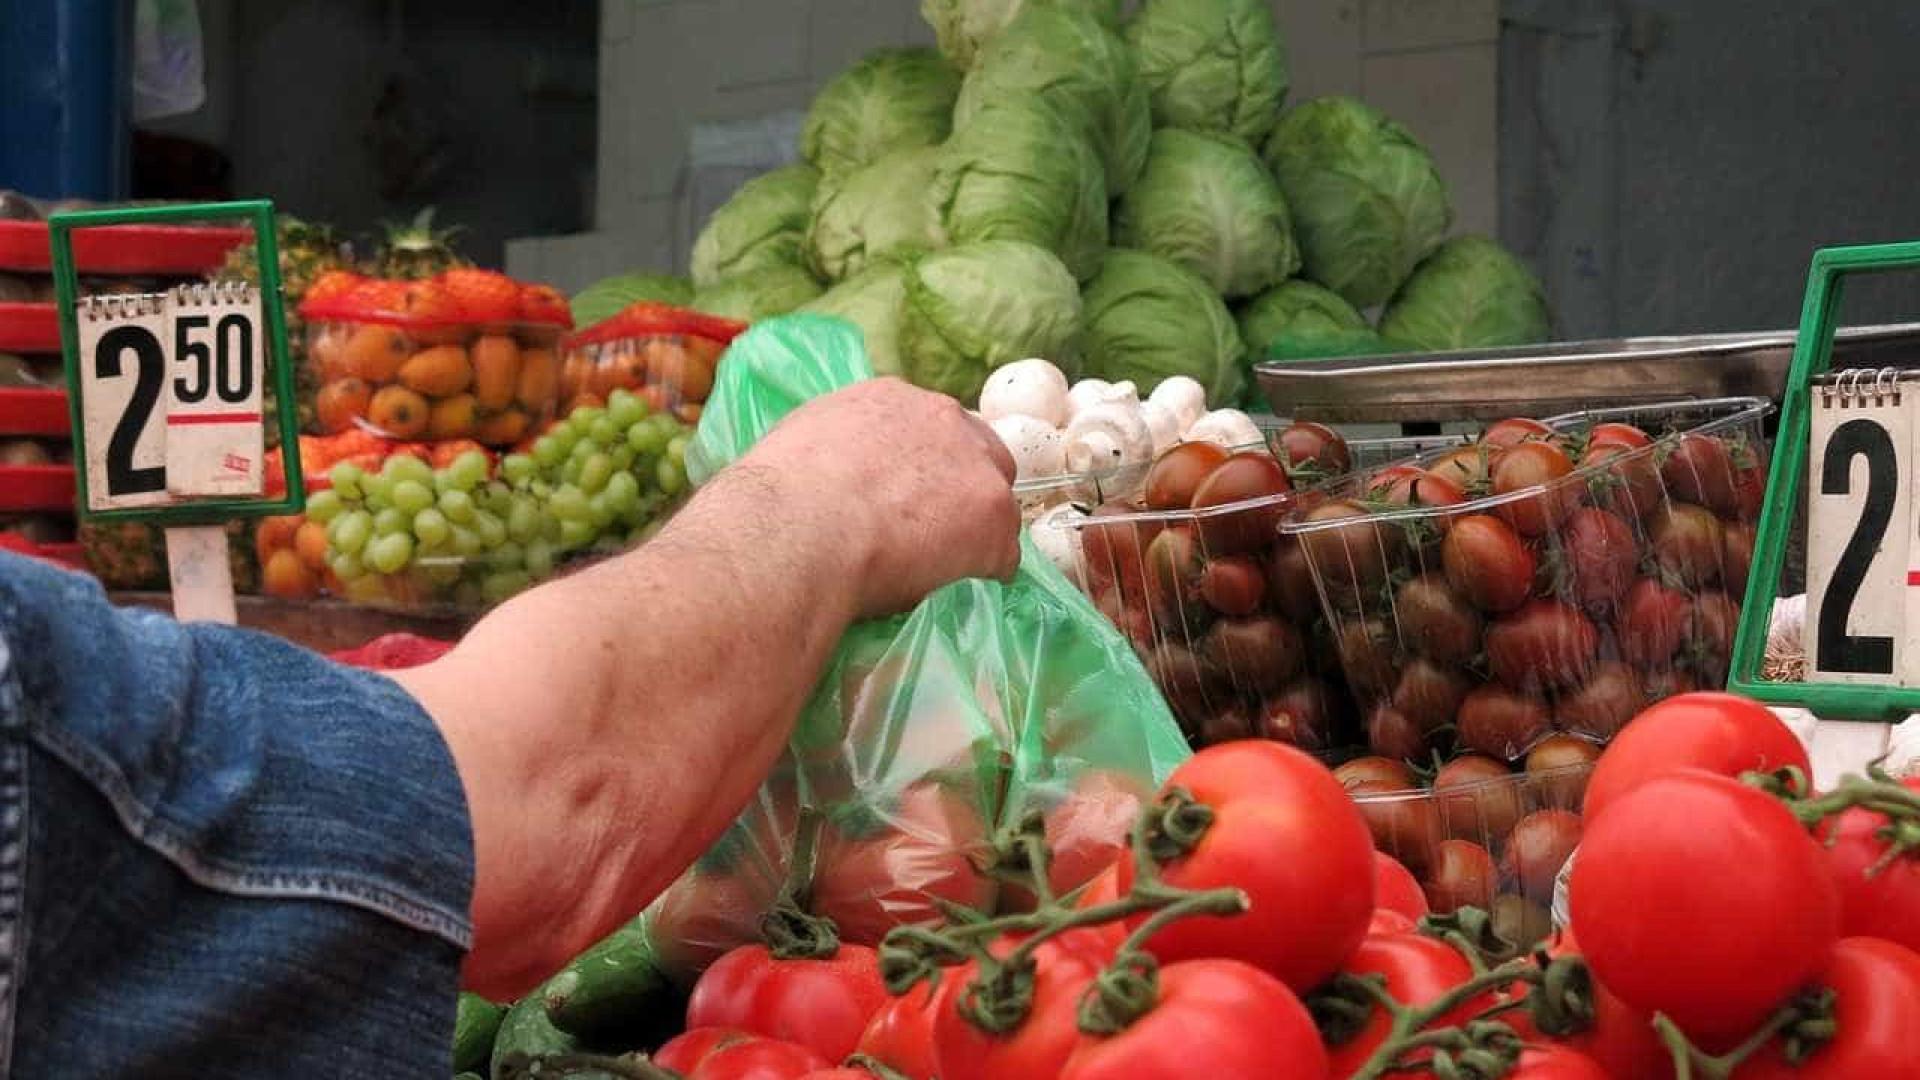 Aproveite os alimentos da safra para preparar receitas econômicas